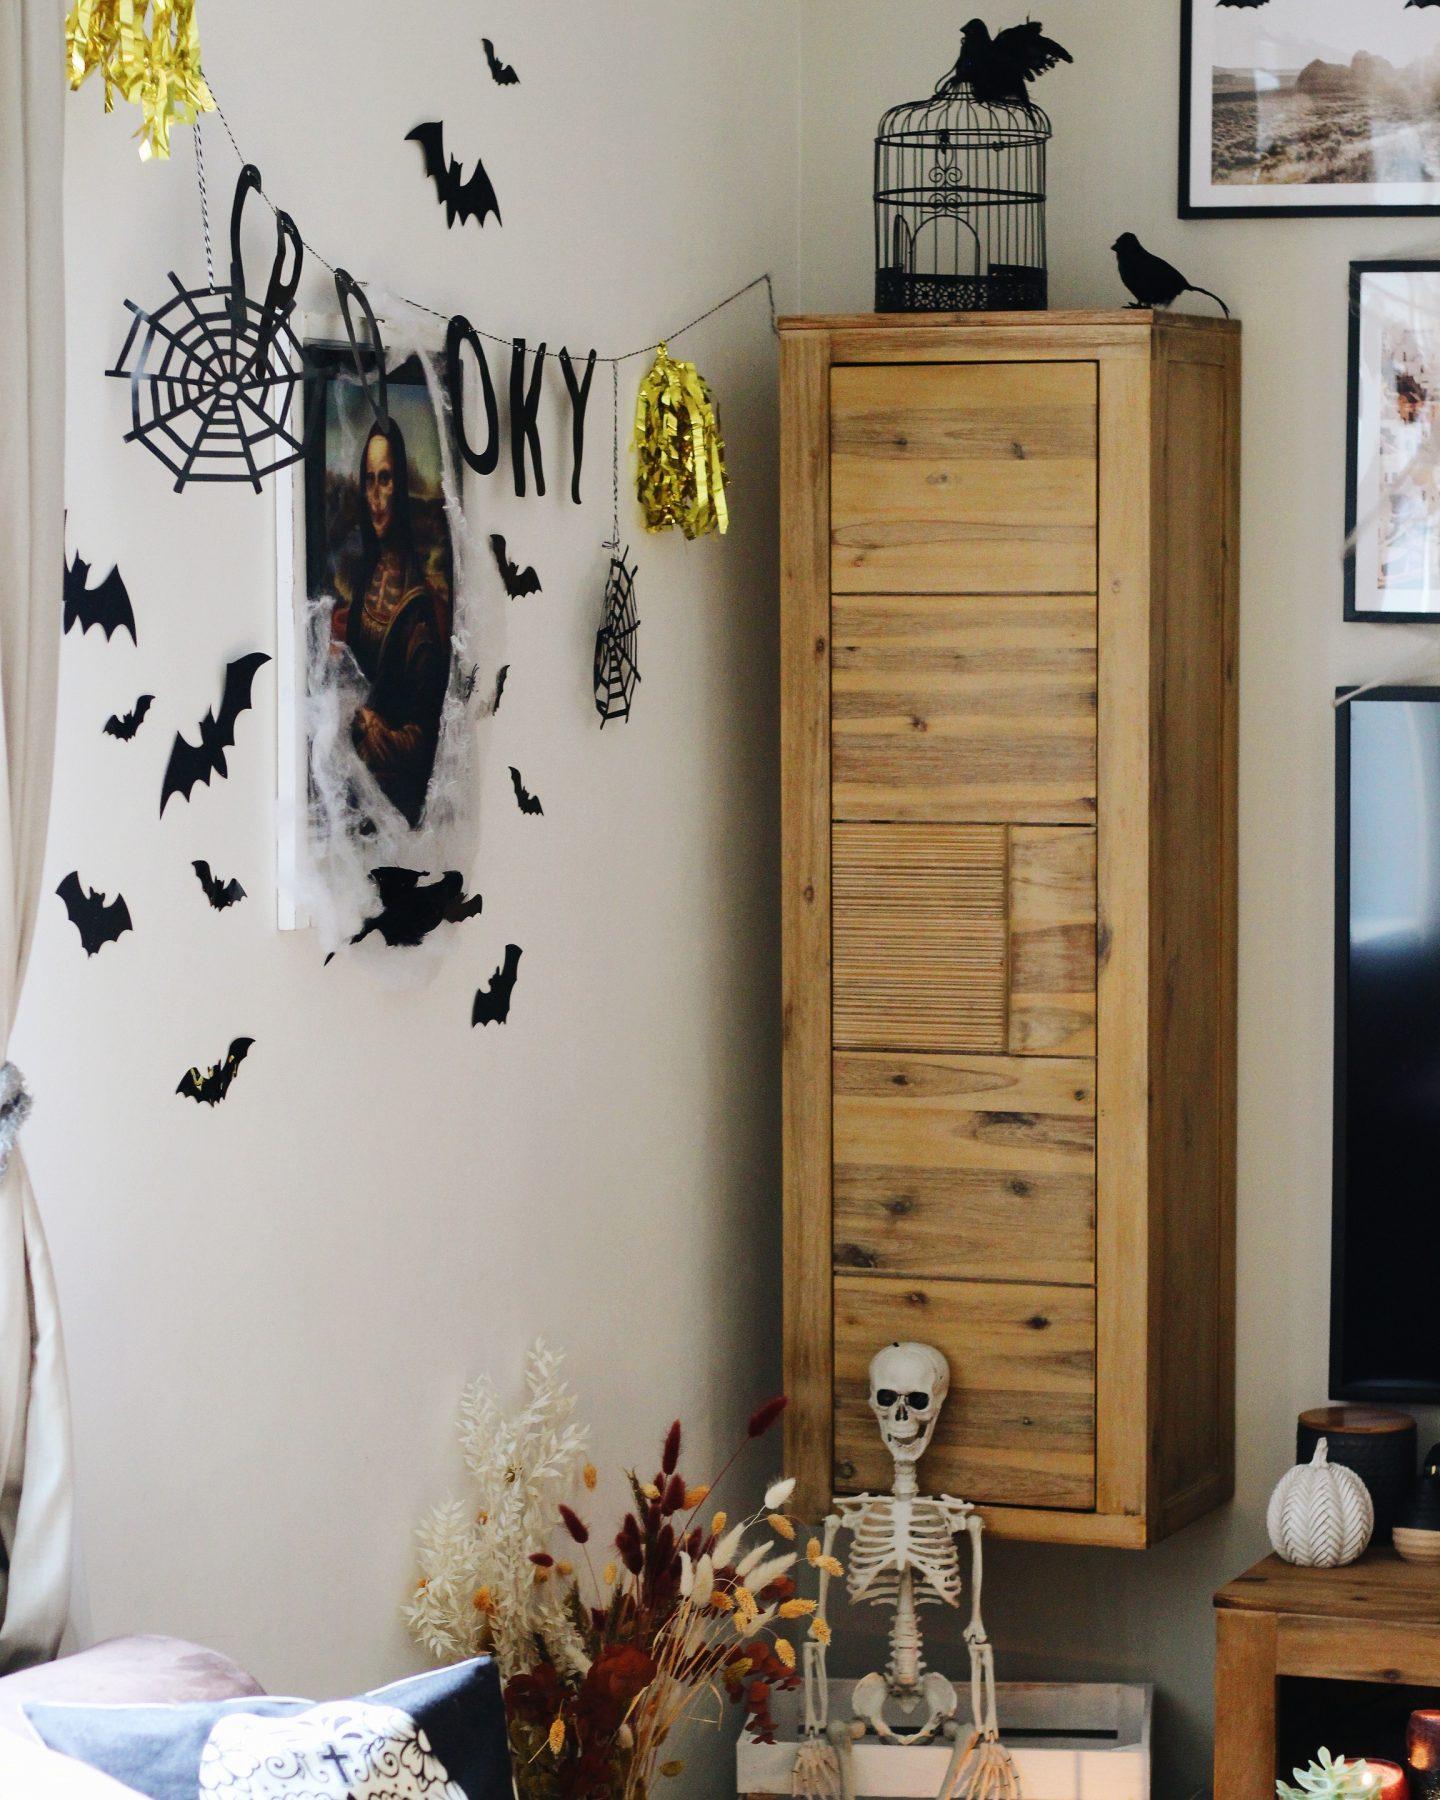 Living Halloween Deko Tipps Und Tricks Fur Ein Schaurig Schones Zuhause Weekly Vlog Starlights In The Kitchen